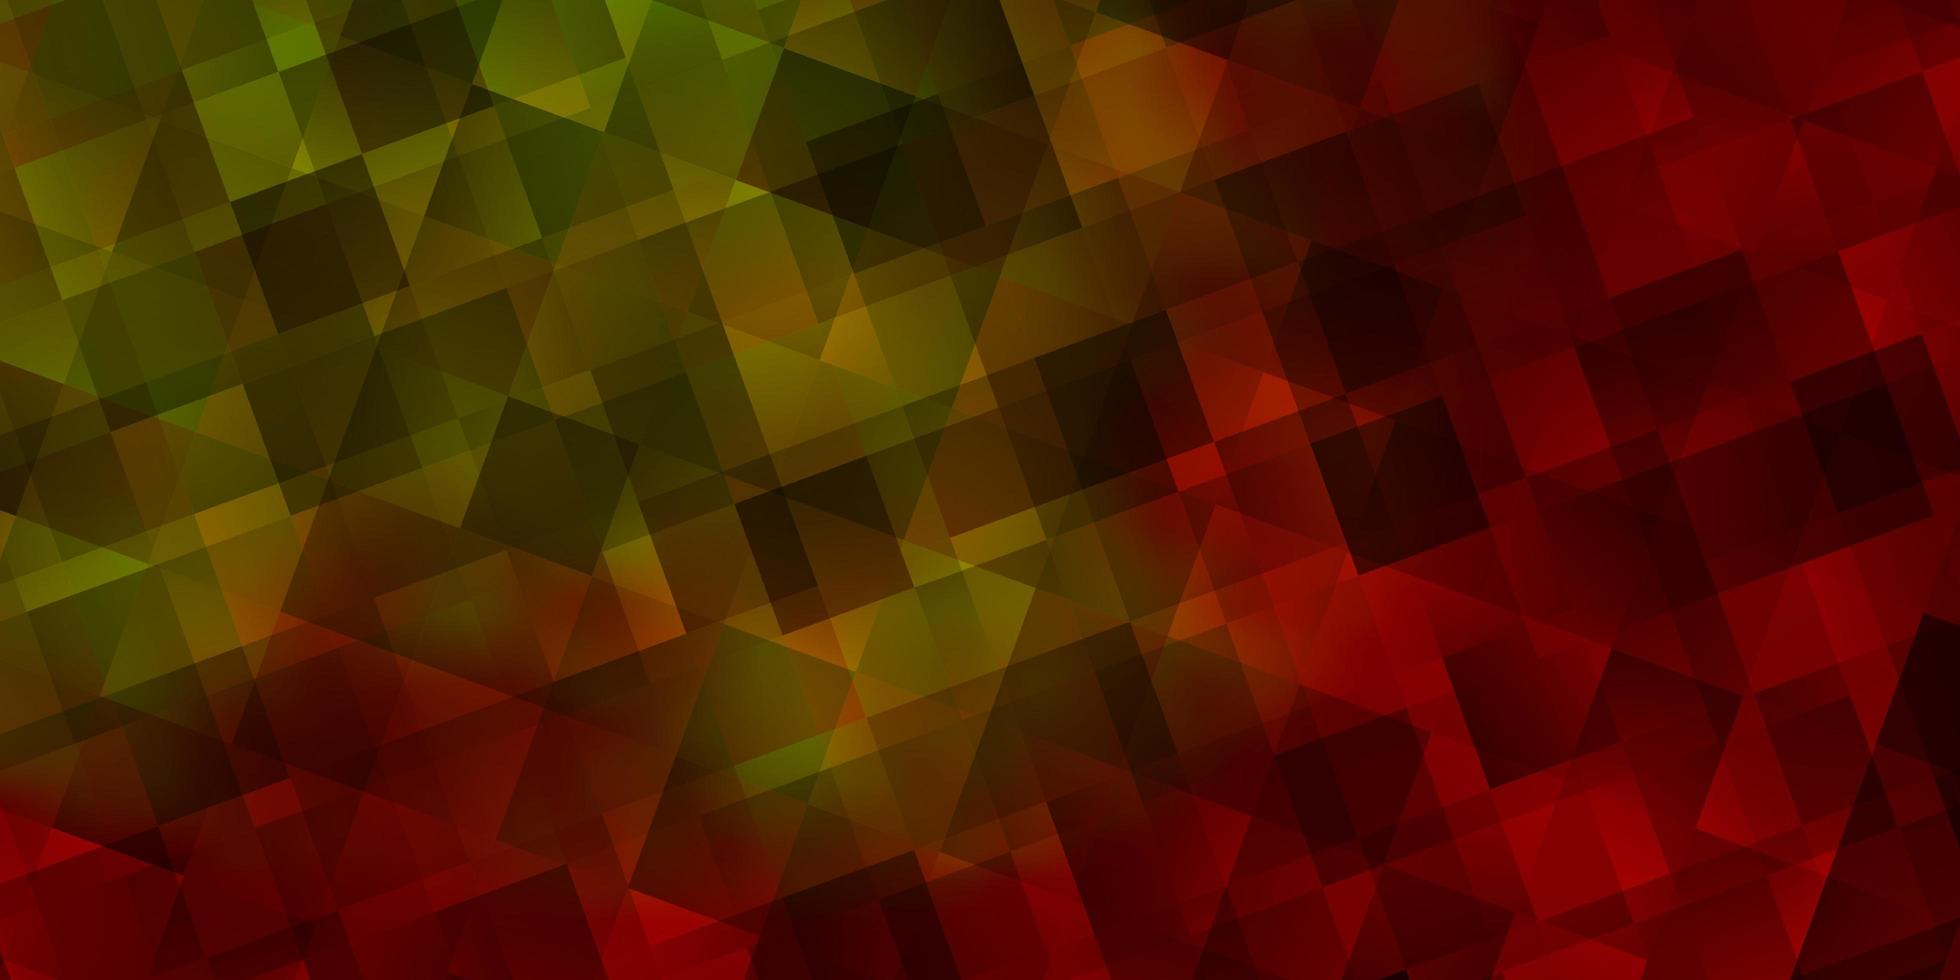 diseño de vector rojo claro, amarillo con líneas, triángulos.